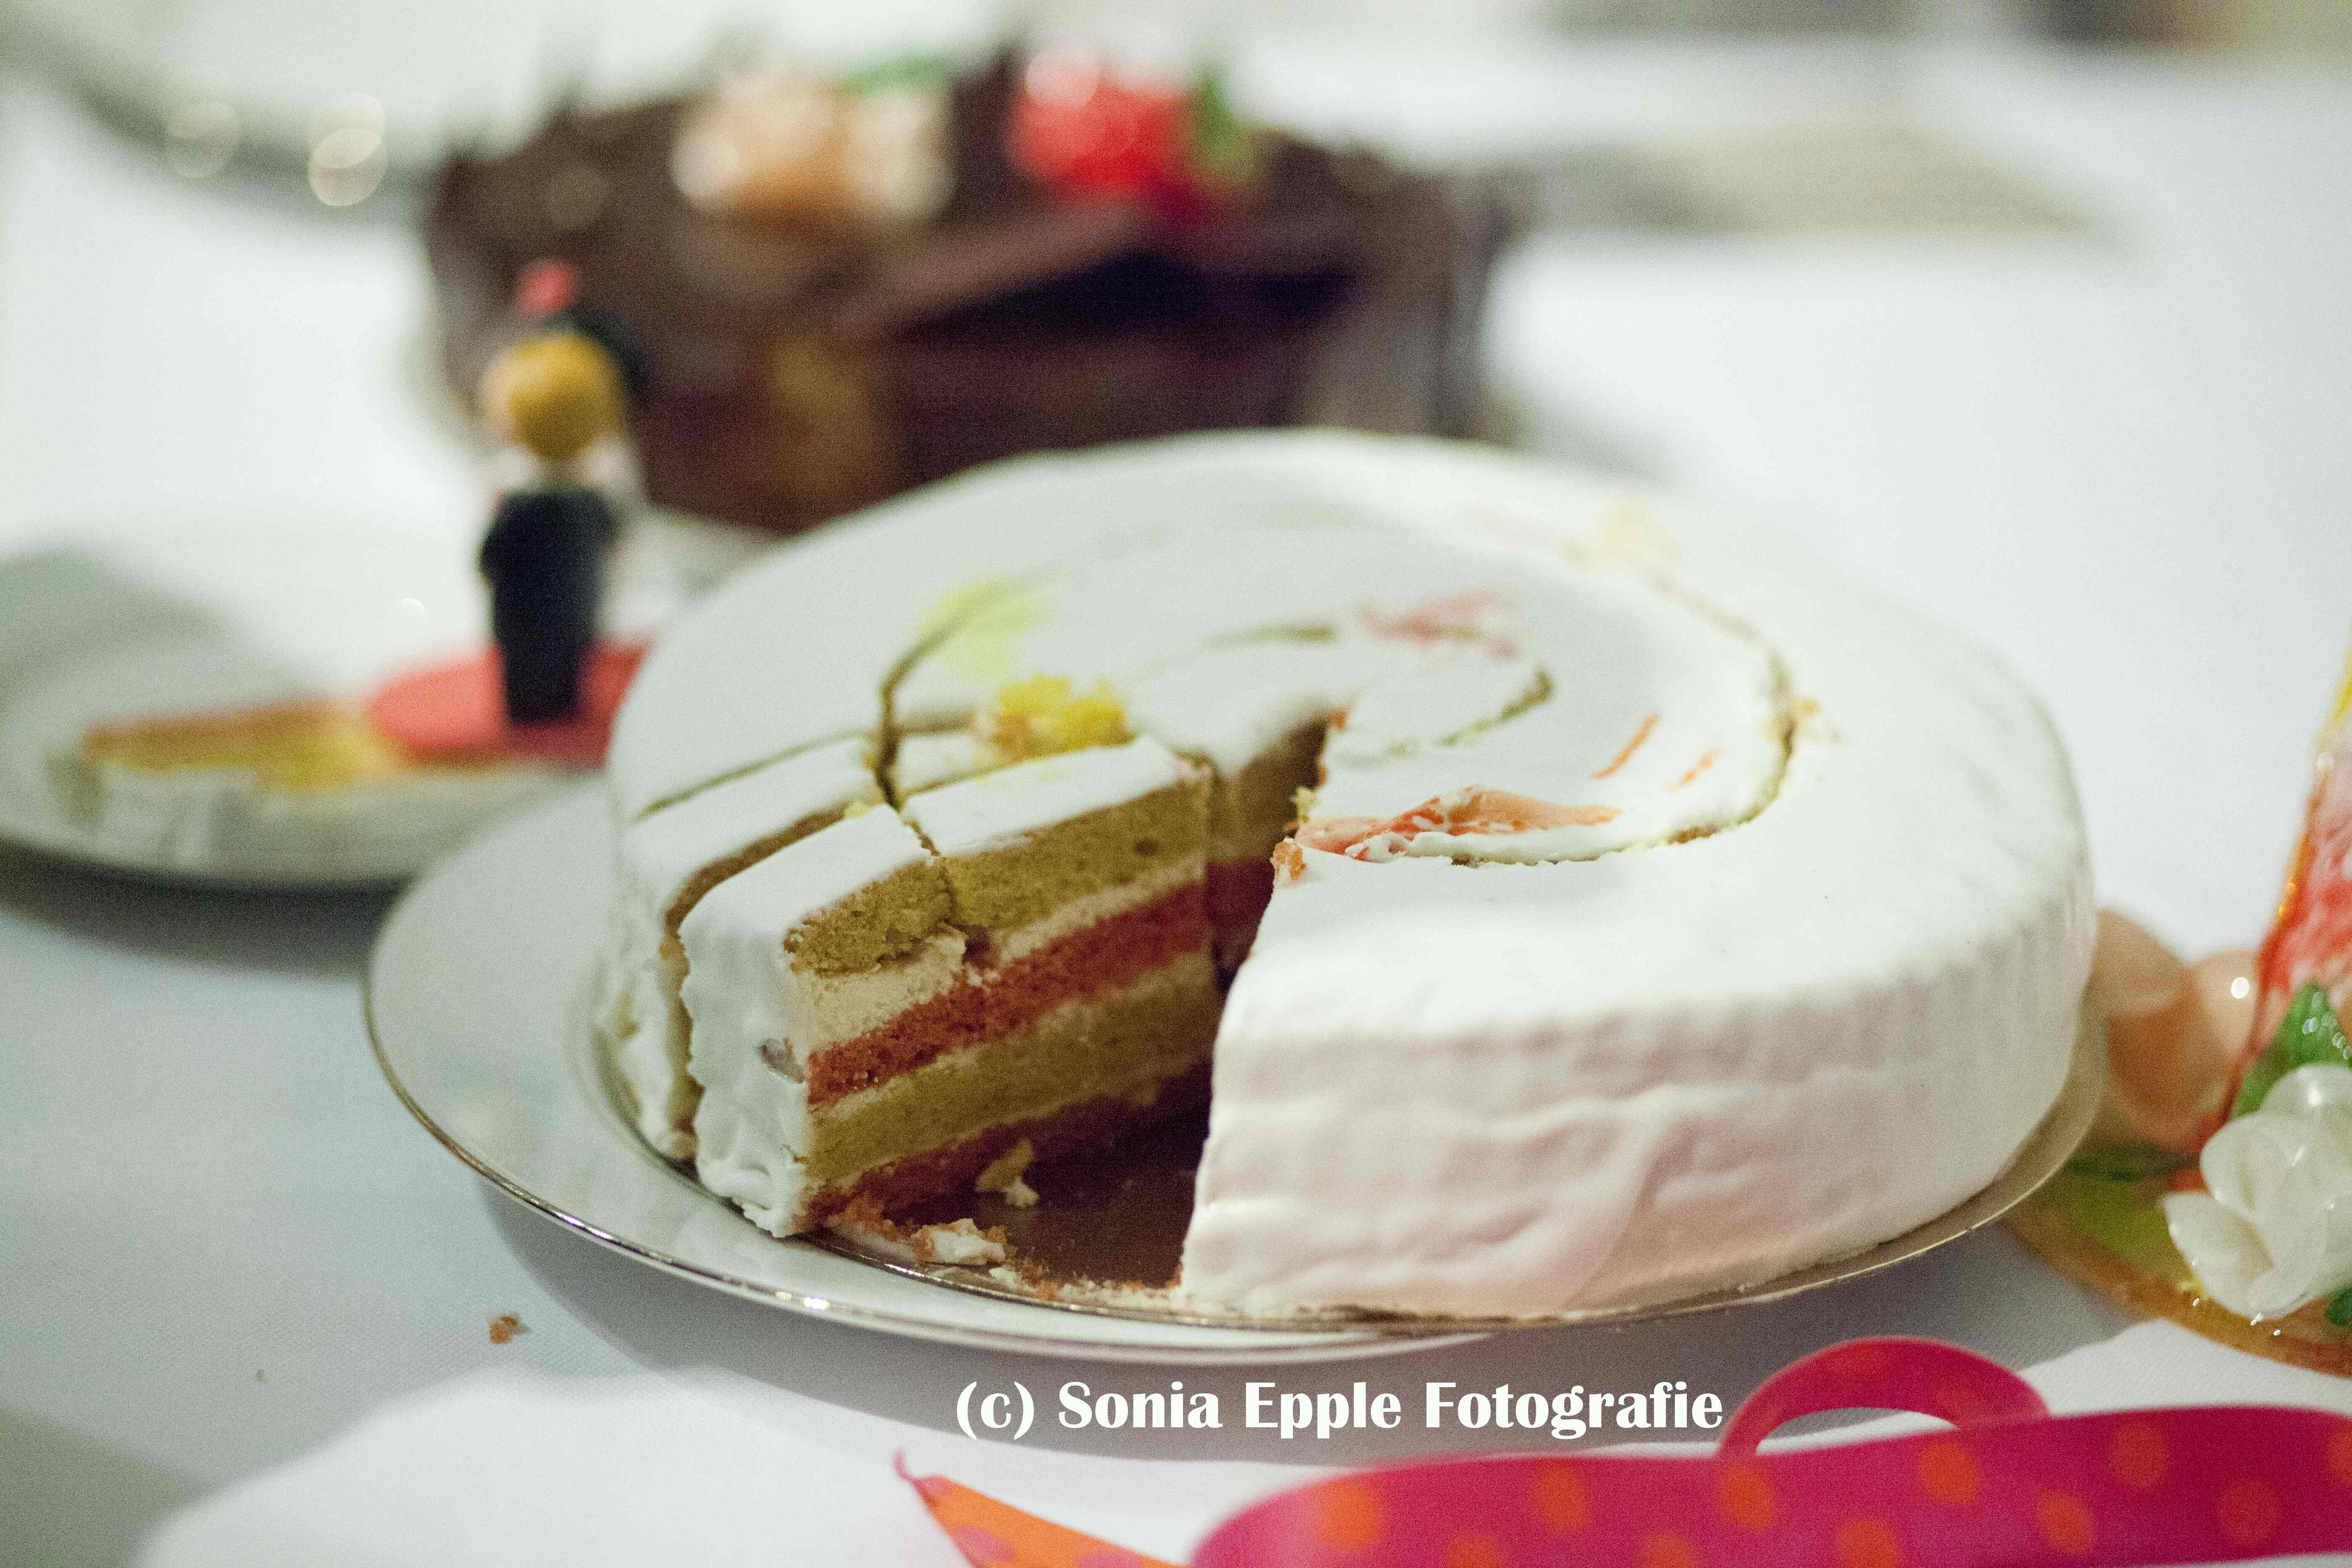 Mon mariage bilingue – La préparation du wedding-cake sans gluten à J-2